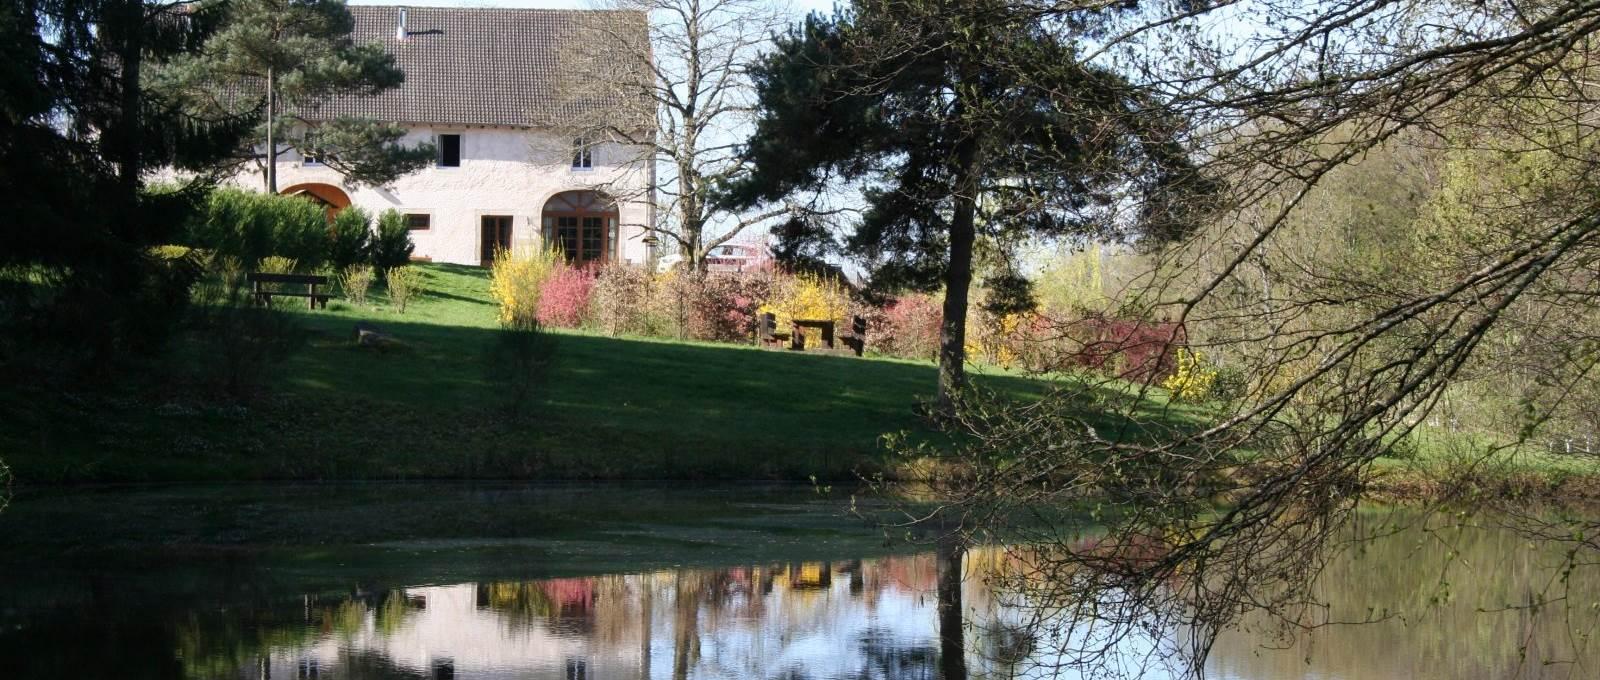 La propriété des Gîtes, Chambres et table d'Hôtes la Landre Bains les Bains, la Vôge les Bains, Le Clerjus